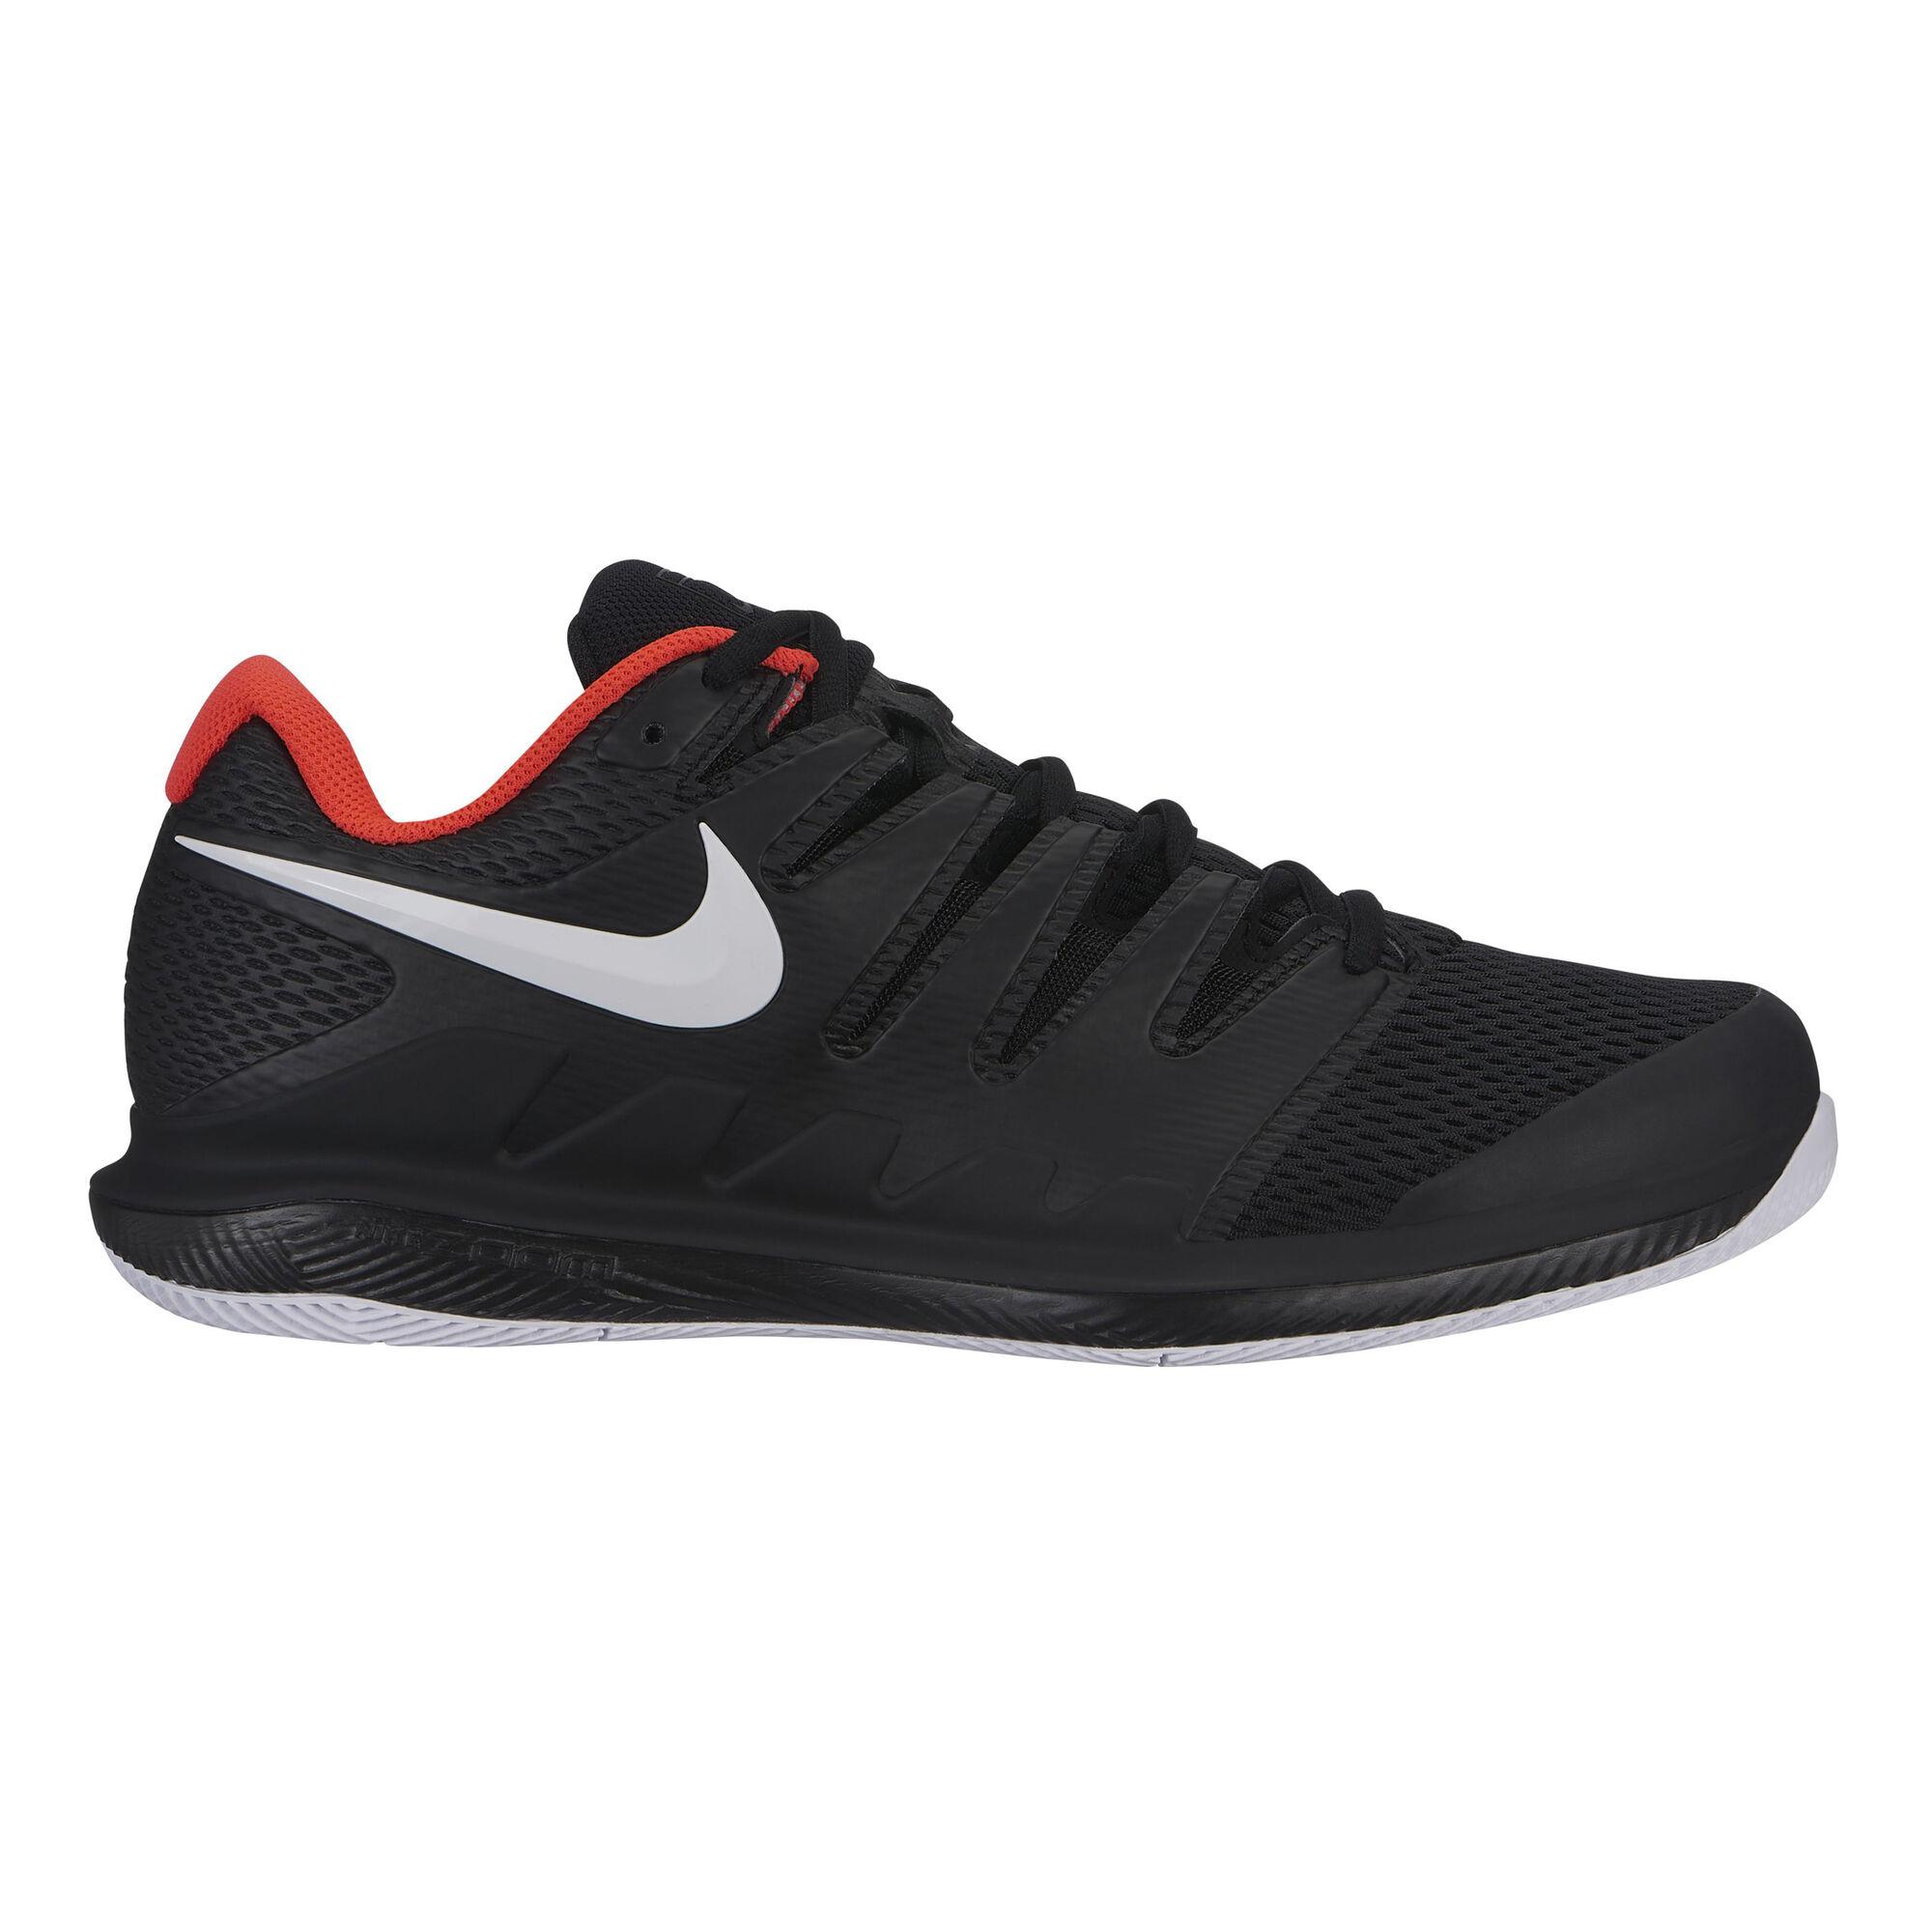 lowest price classic fit sale online Nike Air Zoom Vapor X HC Allcourtschuh Herren - Schwarz ...